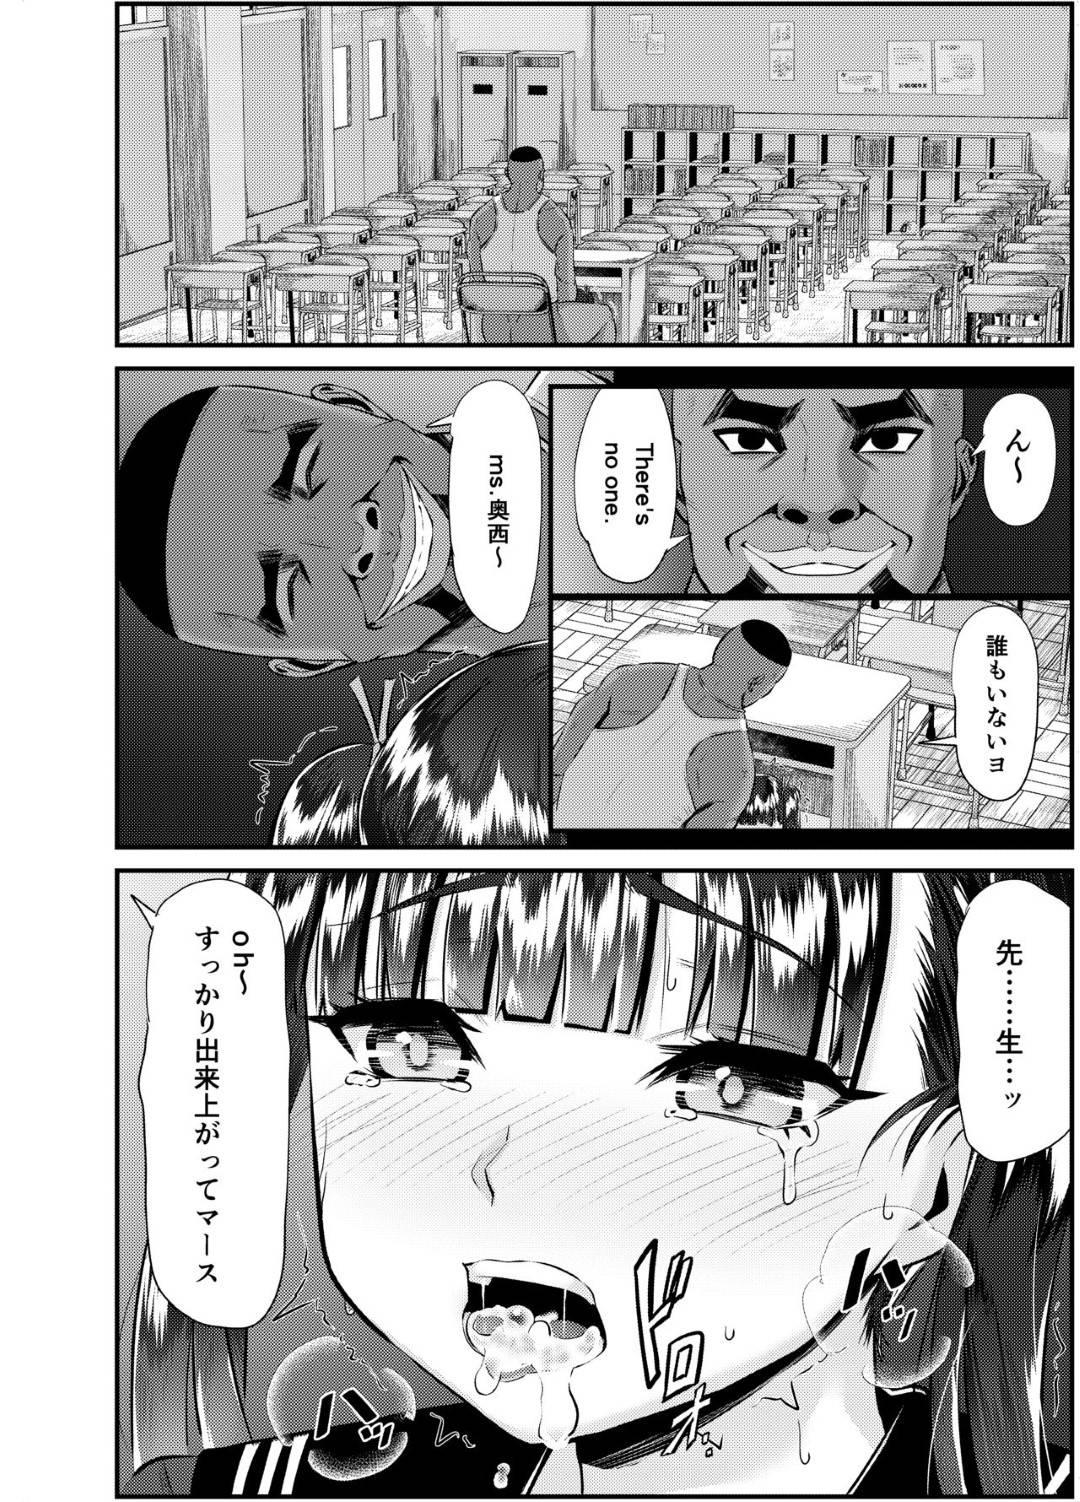 【エロ漫画】学校のJKを次から次へと犯していく男性教師...放課後の教室で新しく目をつけたJKを気持ち良さで抵抗できなくし中出しセックス【Shikoshiko Biyori:アントニー先生の寝取らレッスン】